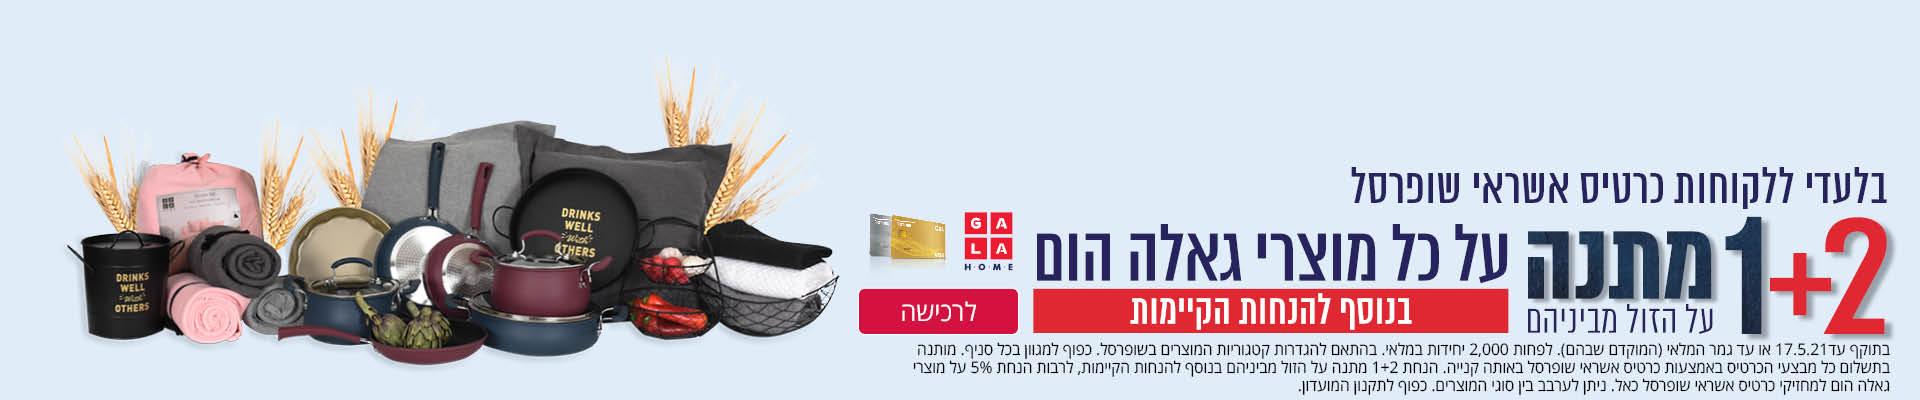 בלעדי ללקוחות כרטיס אשראי שופרסל 1+2 מתנה על הזול מבינהם על כל מוצרי גאלה הום בנוסף להנחות הקיימות לרכישה בתוקף עד 17.5.2021 או עד גמר המלאי